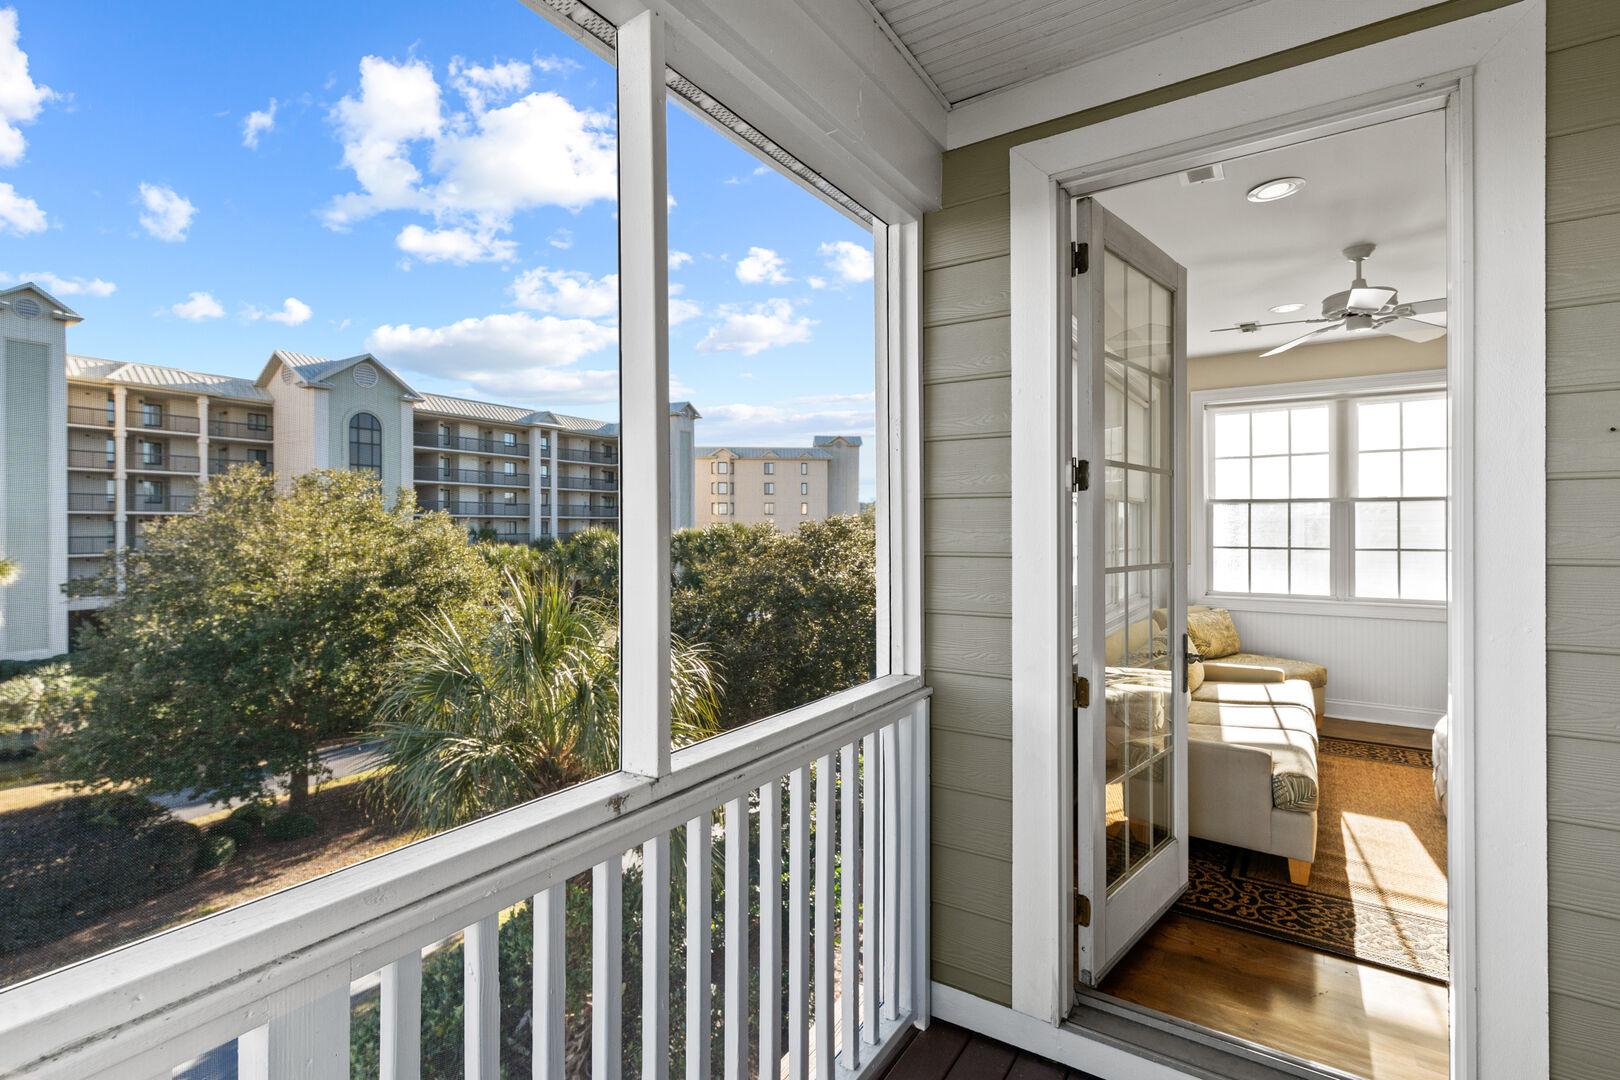 Porch - Second Floor